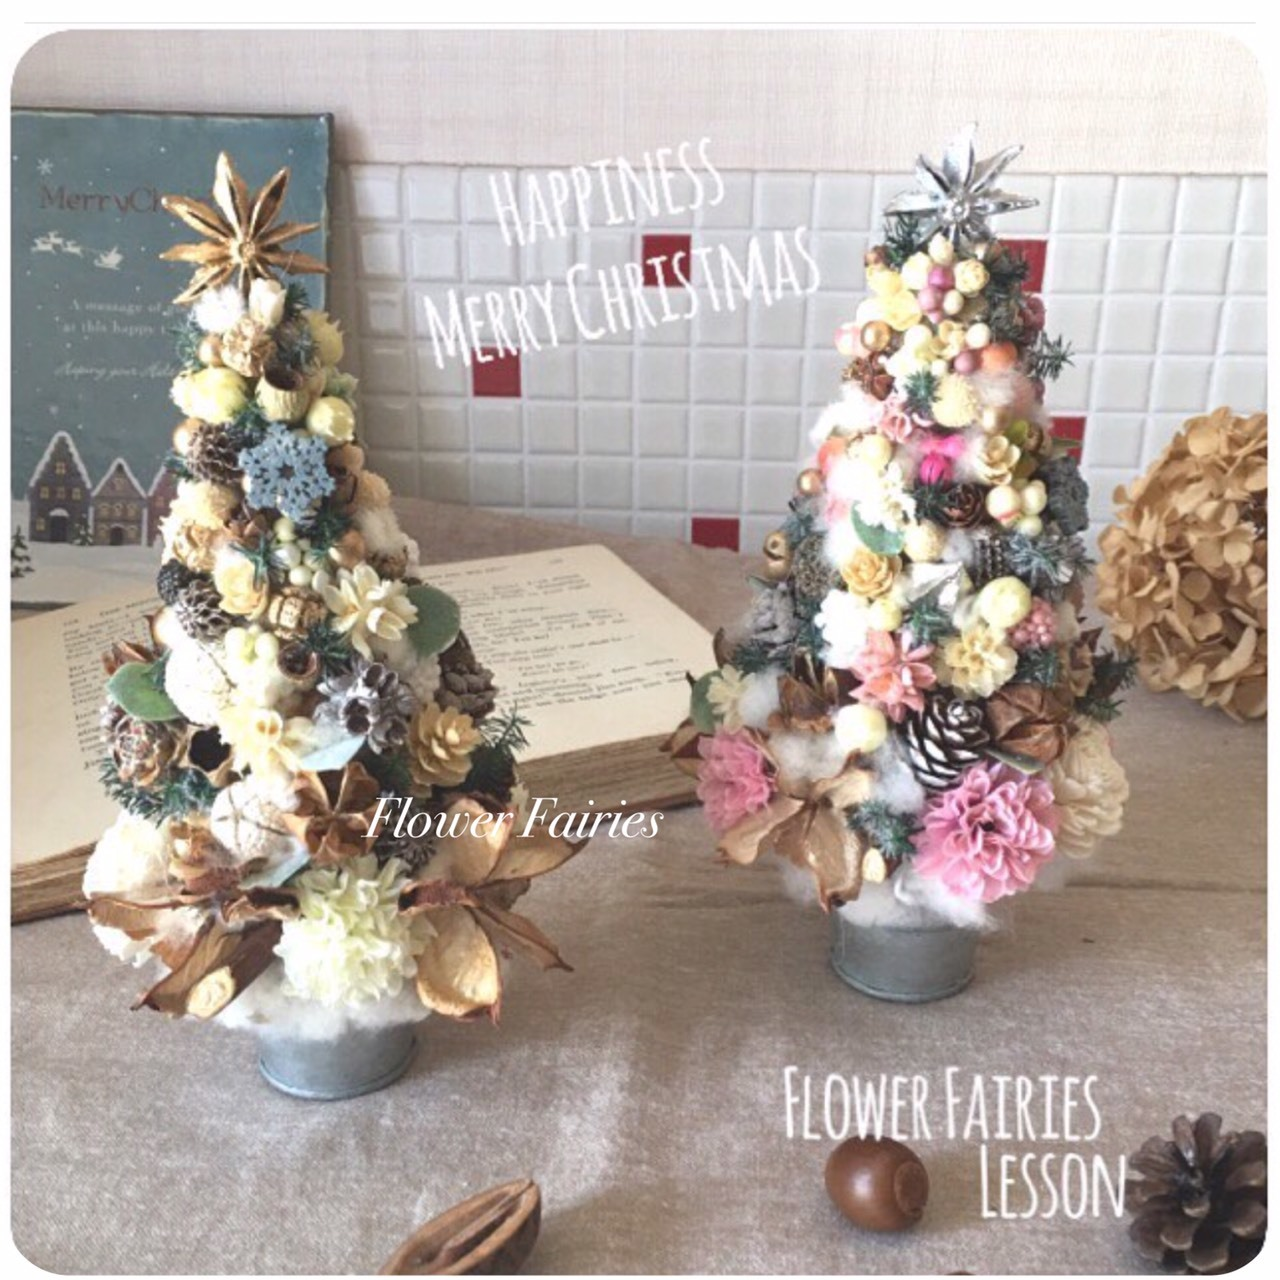 ミニクリスマスツリー体験教室のご案内*_a0322702_11051358.jpeg